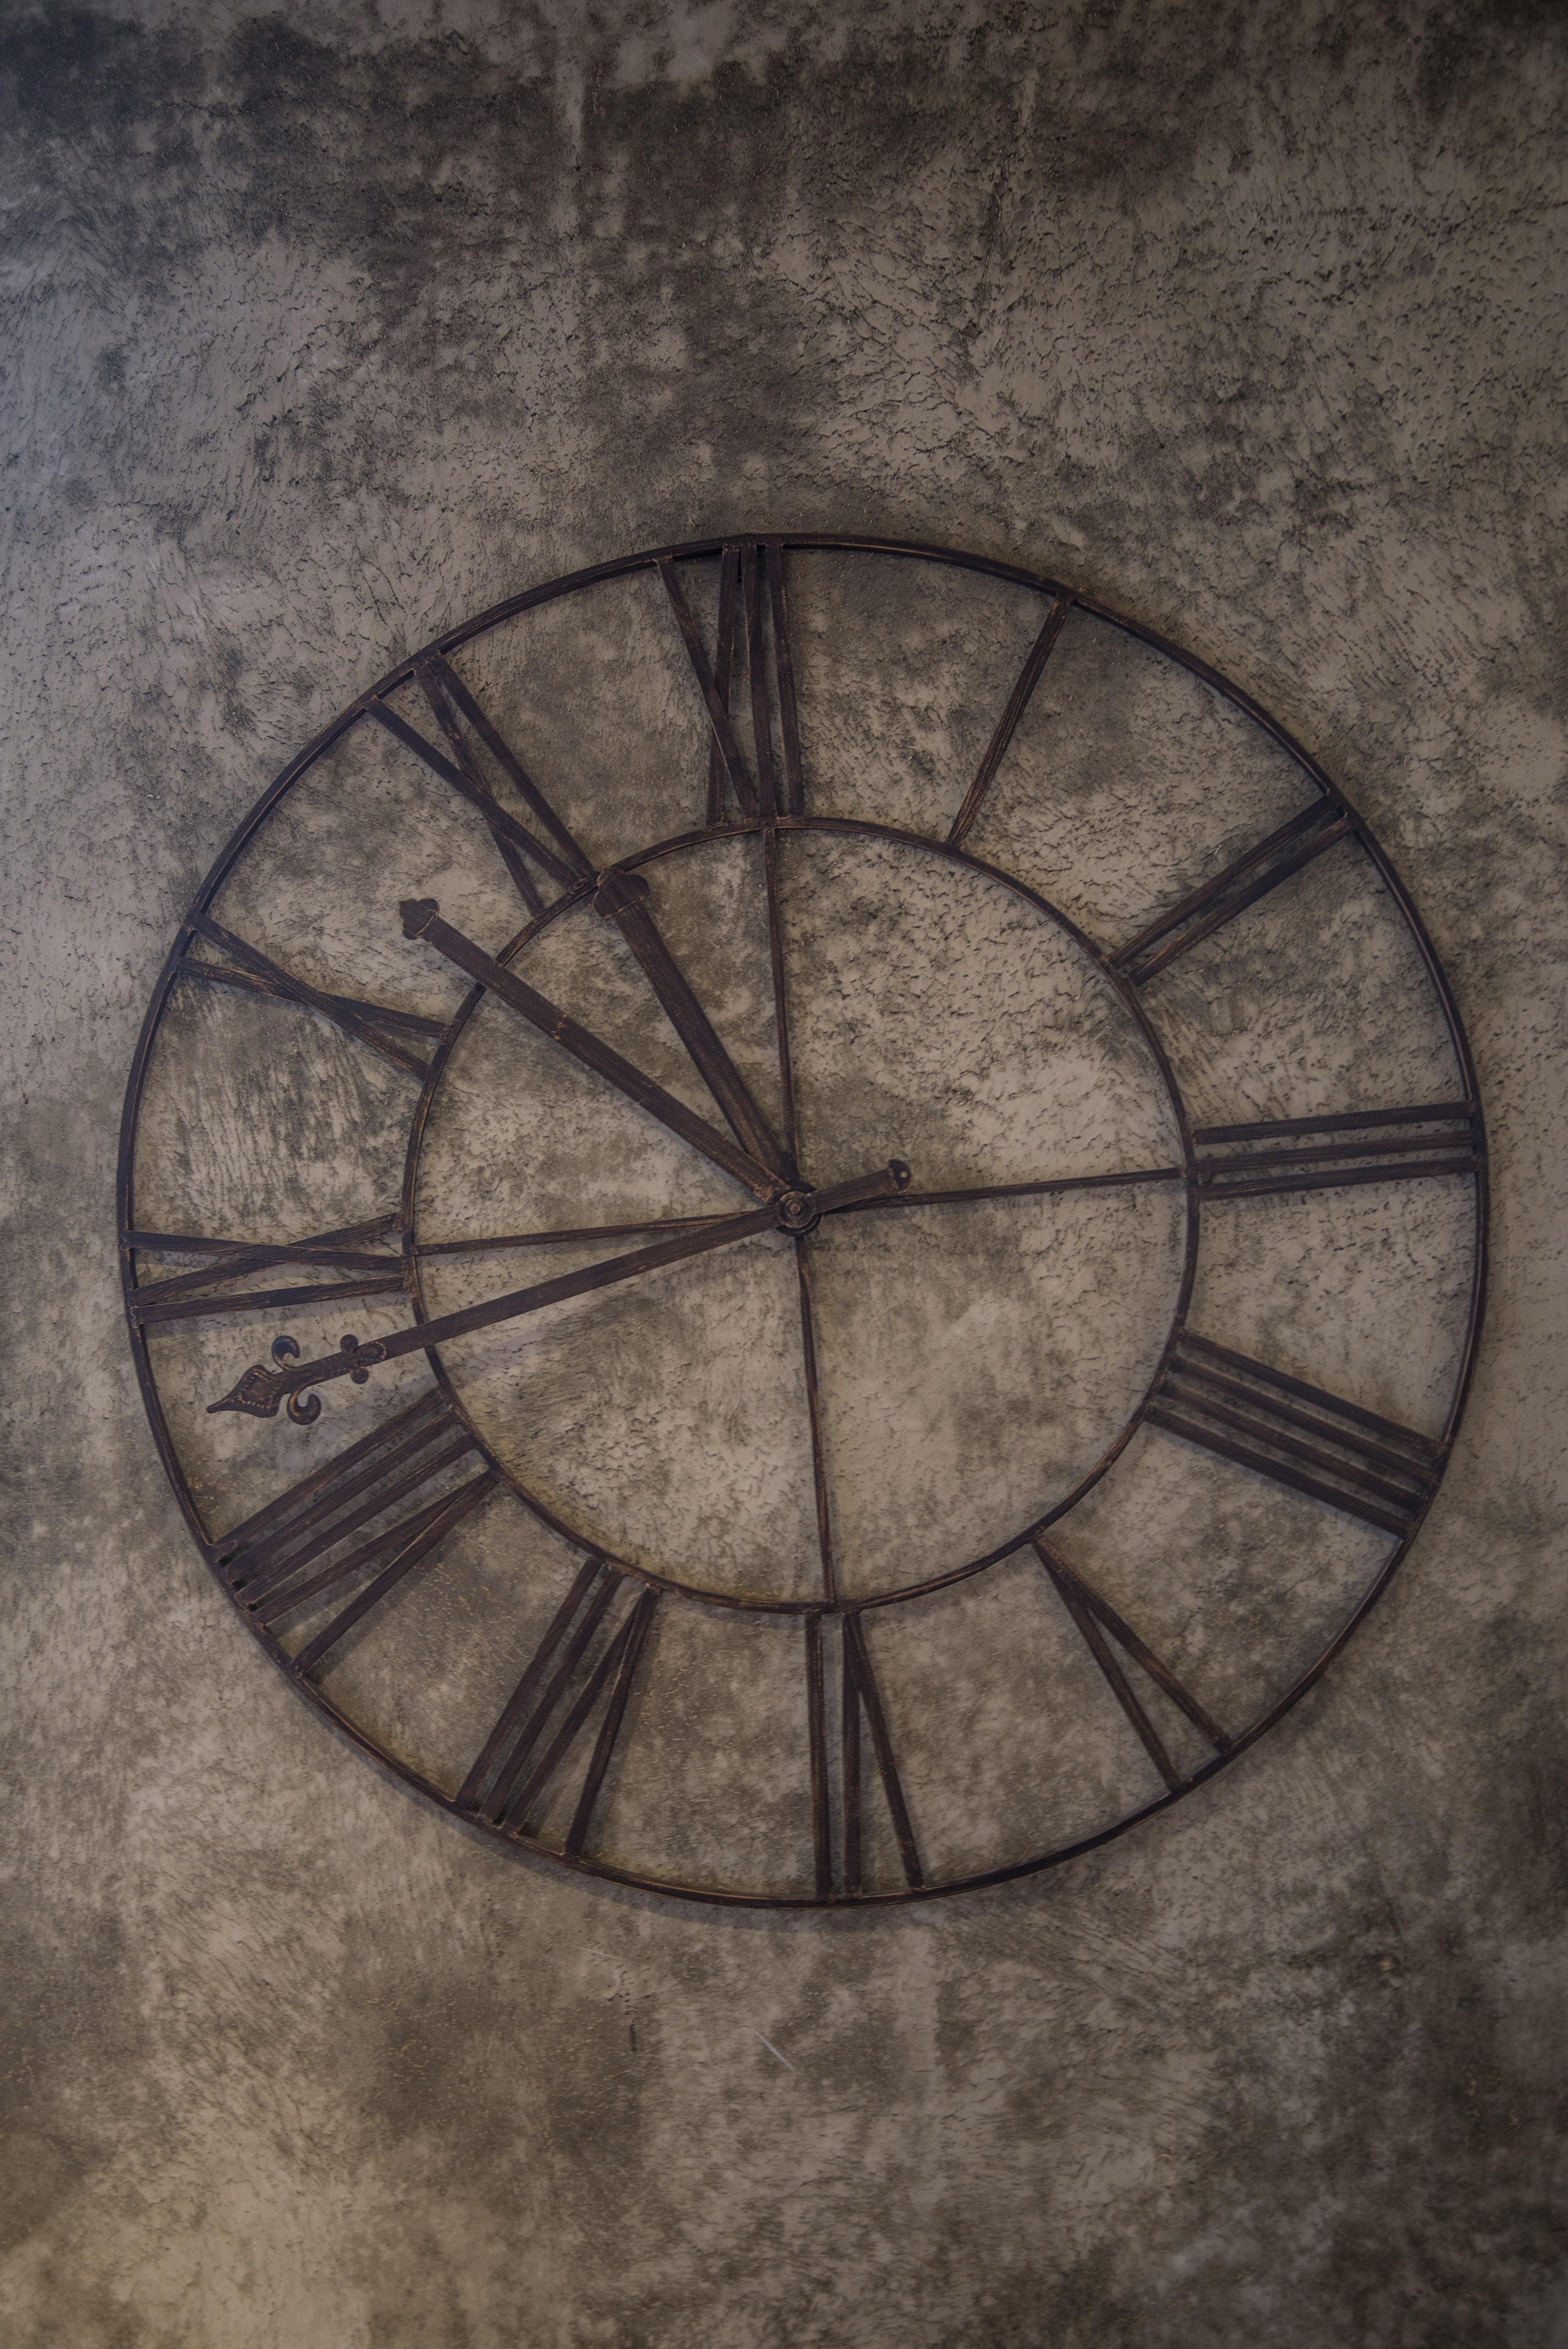 Brown analog wall clock at 11:48 photo